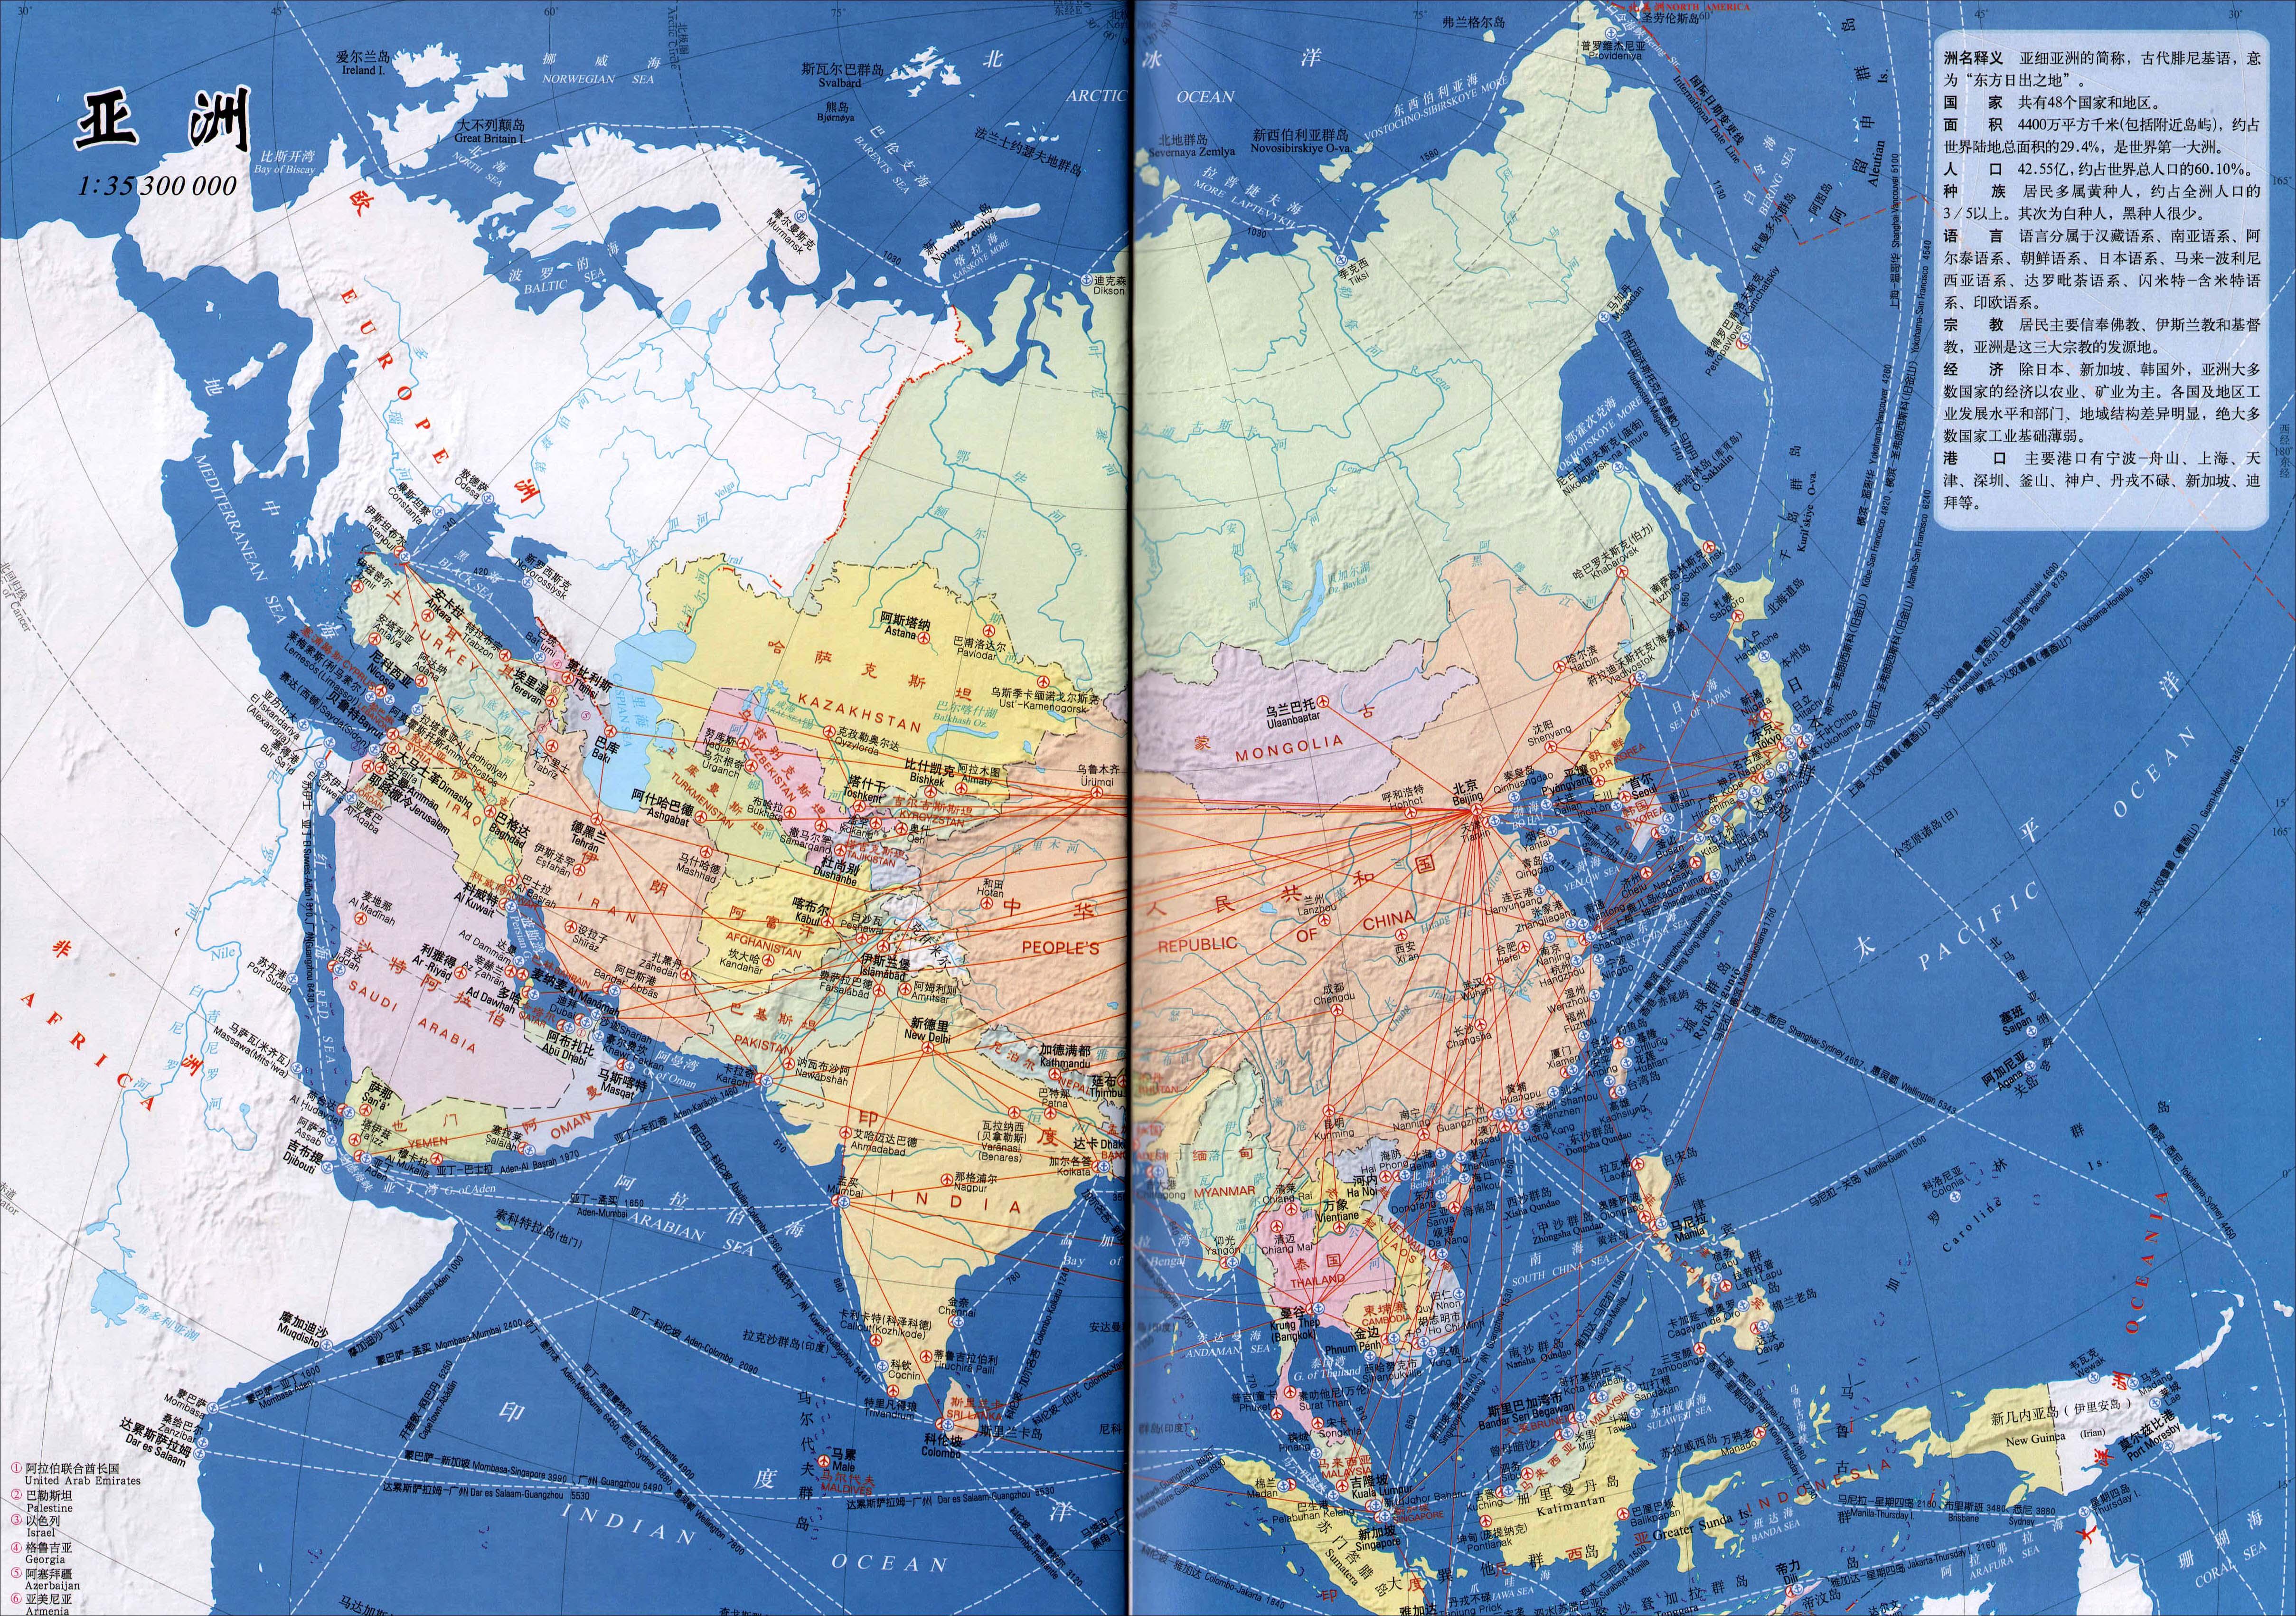 交通地图 航空线路图 >> 亚洲航空线路地图   世界各国   中国